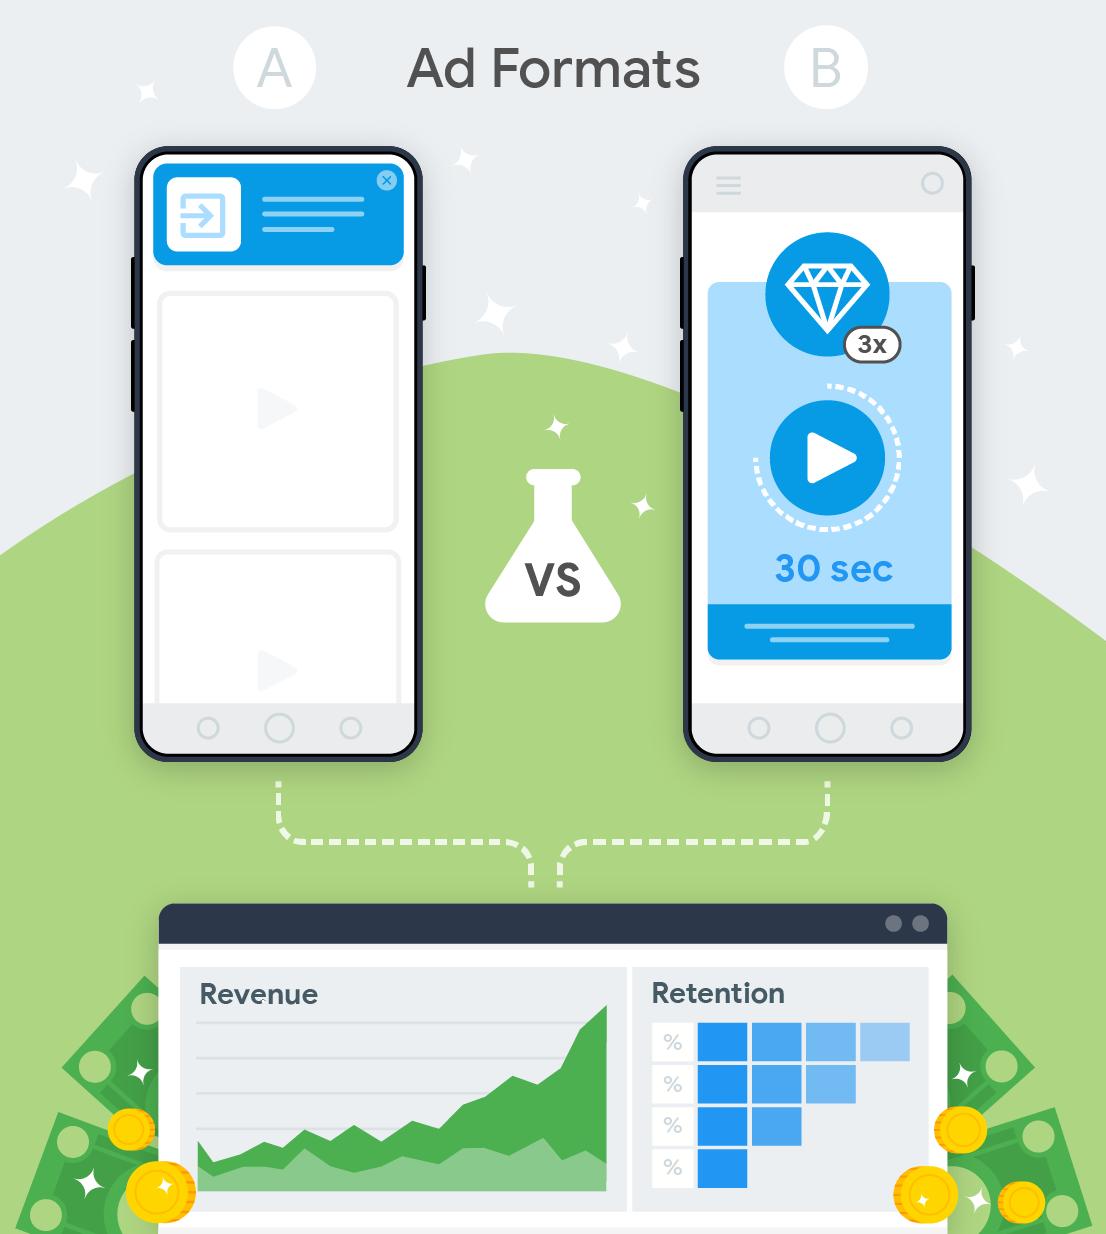 测试两种广告格式及其对收入和留存率的影响